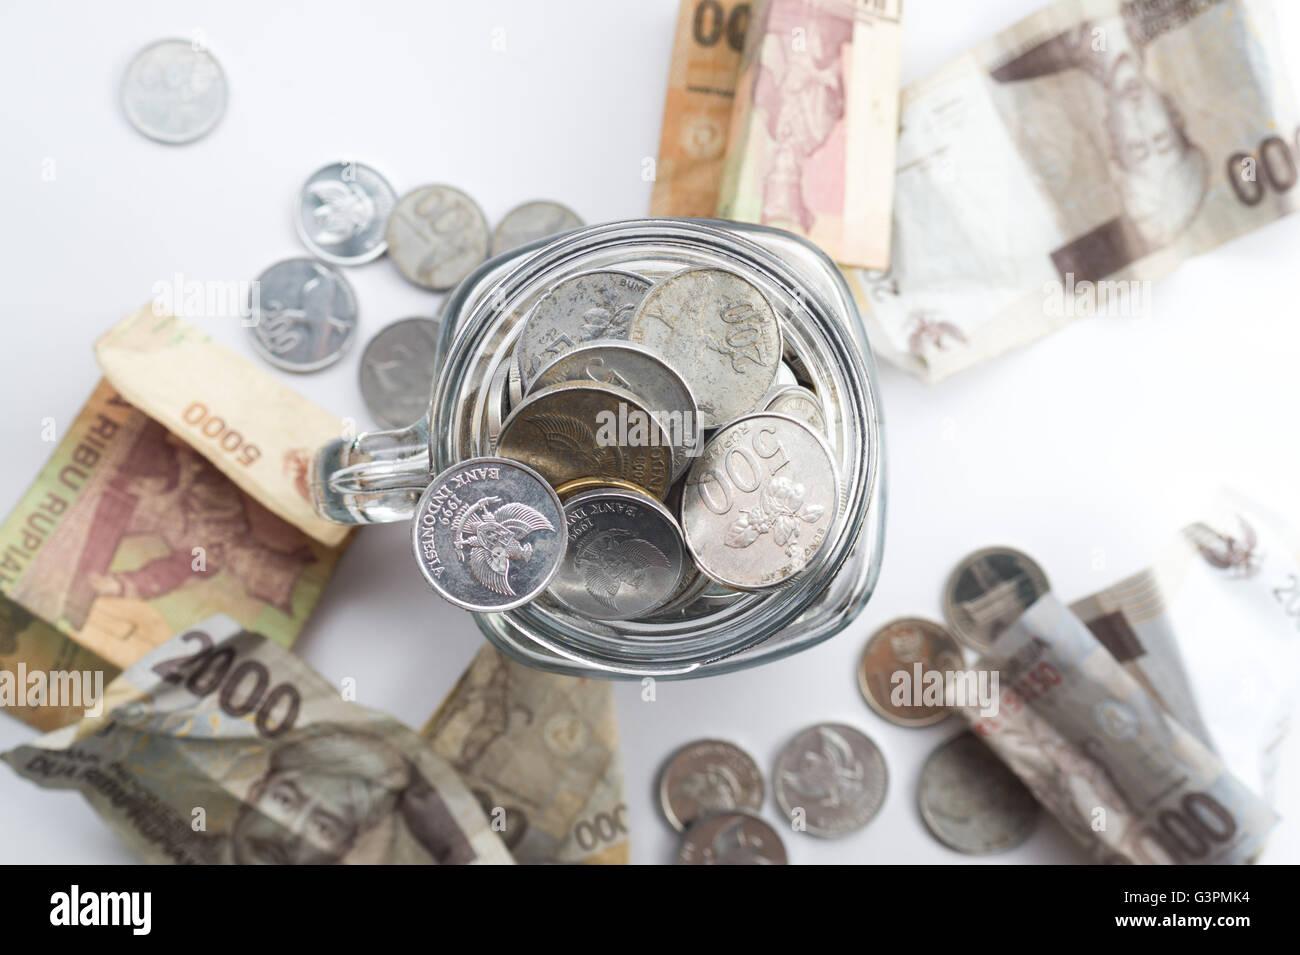 Rupiah moneta all'interno del vasetto con denaro spargere in giro il vaso del frullatore Immagini Stock